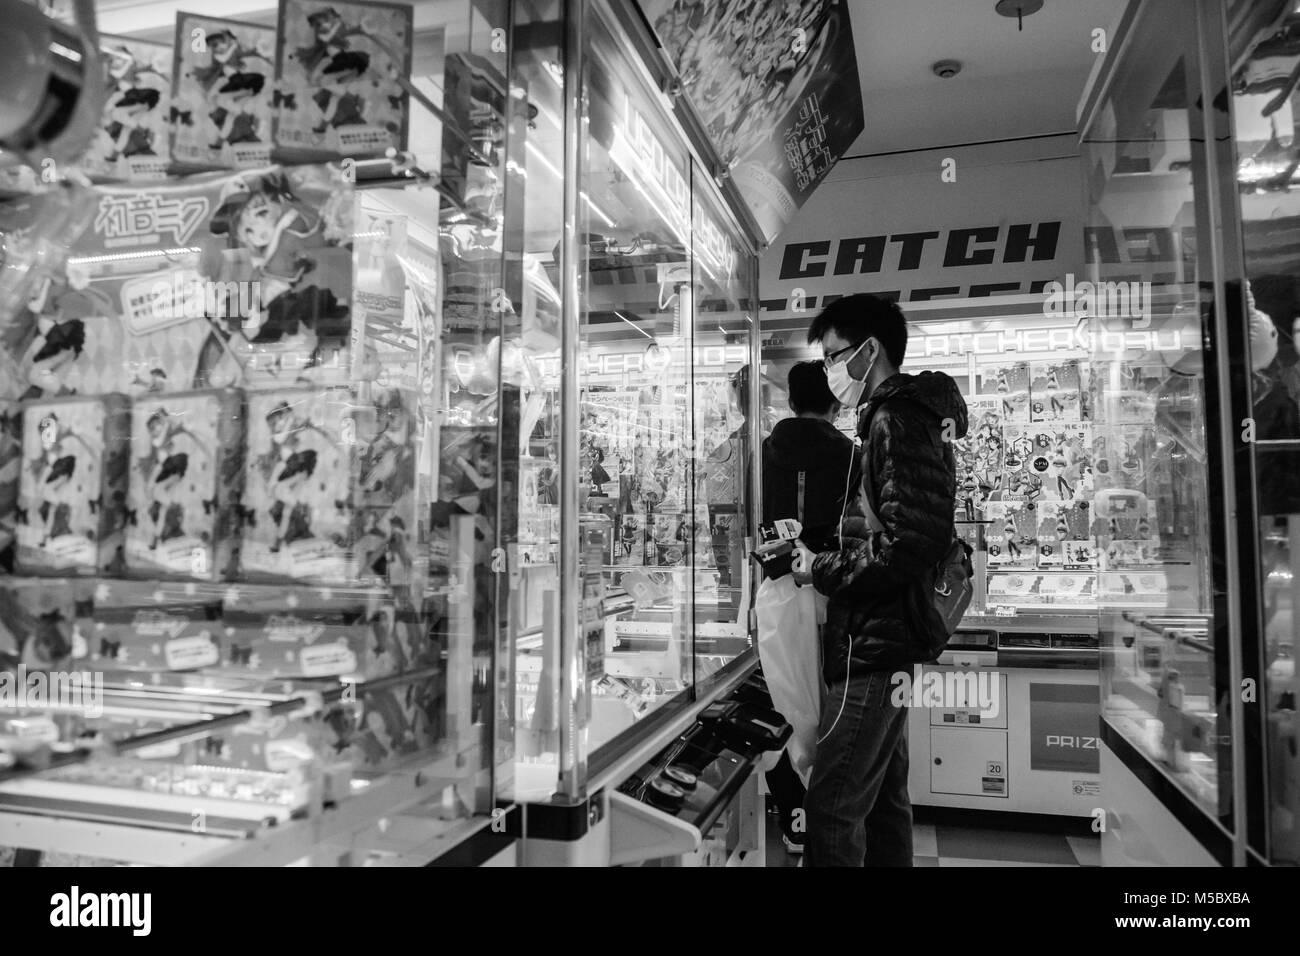 Japanese 20-somethings play arcade games for prizes in Shinjuku, Tokyo. - Stock Image